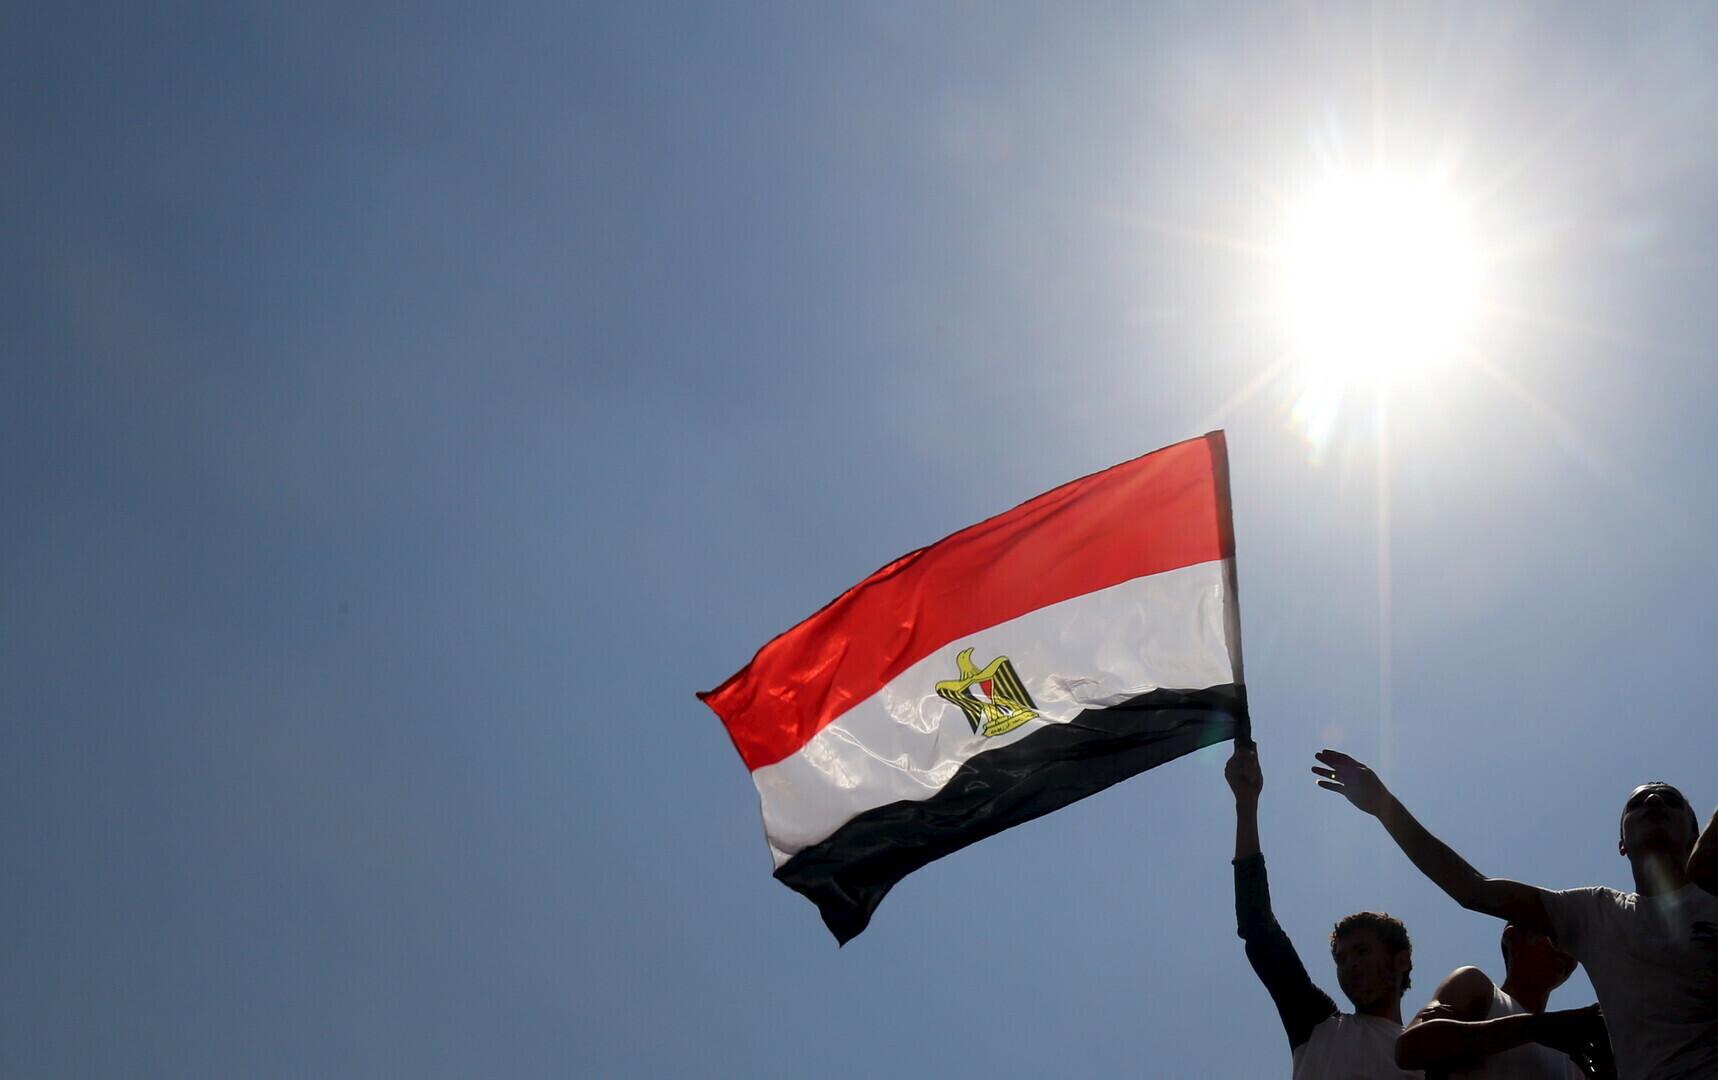 مصر.. منع رجل أعمال كبير من السفر خلال توجهه إلى السودان